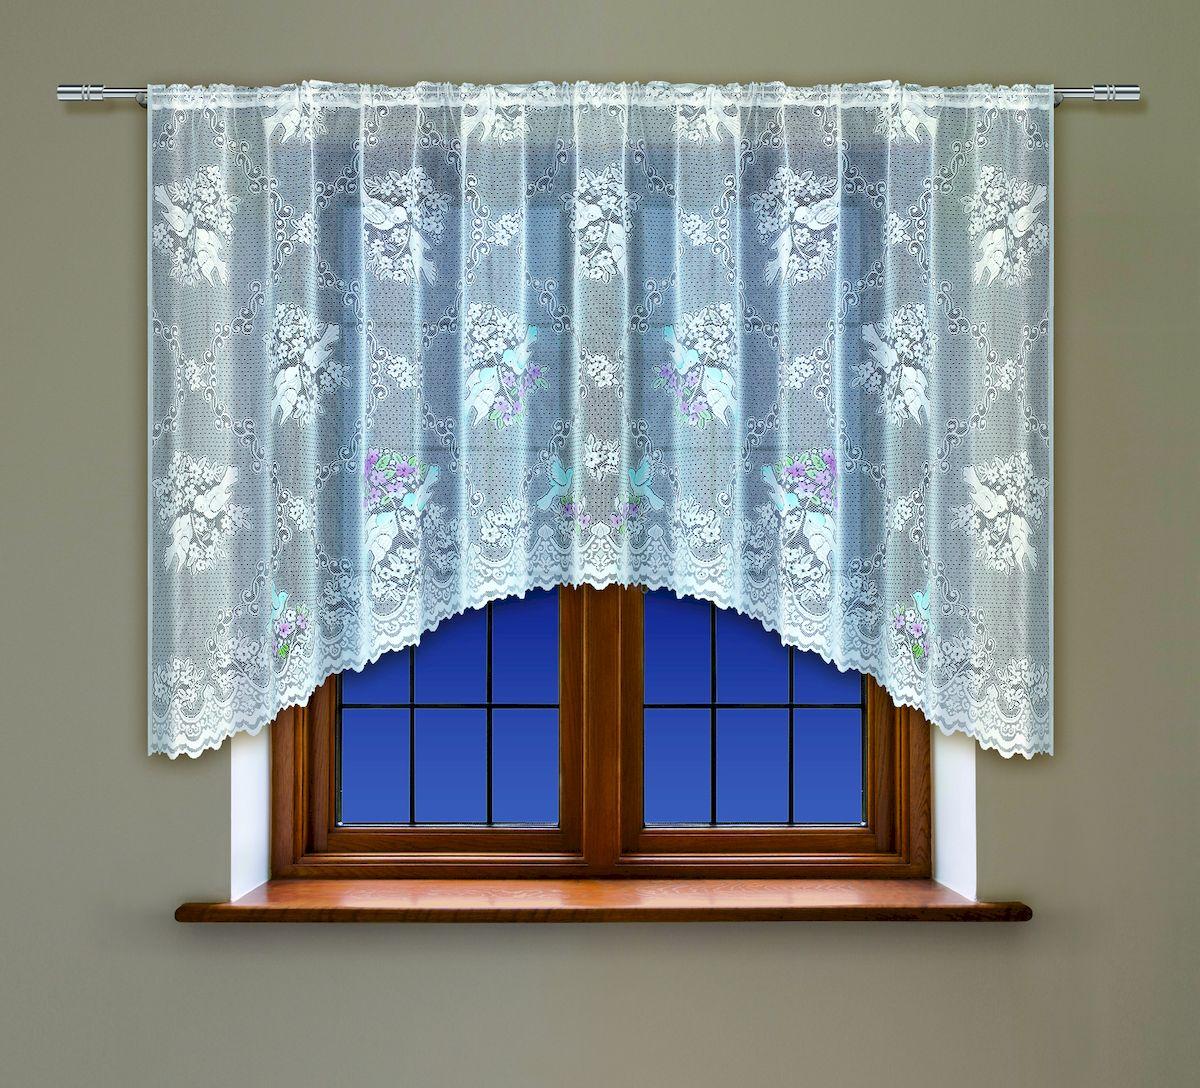 Гардина Haft, на кулиске, цвет: белый, высота 160 см. 222161222161/160Воздушная гардина Haft, выполненная из полиэстера, великолепно украсит любое окно. Изделие имеет оригинальный дизайн и органично впишется в интерьер помещения. Гардина крепится на карниз при помощи кулиски.